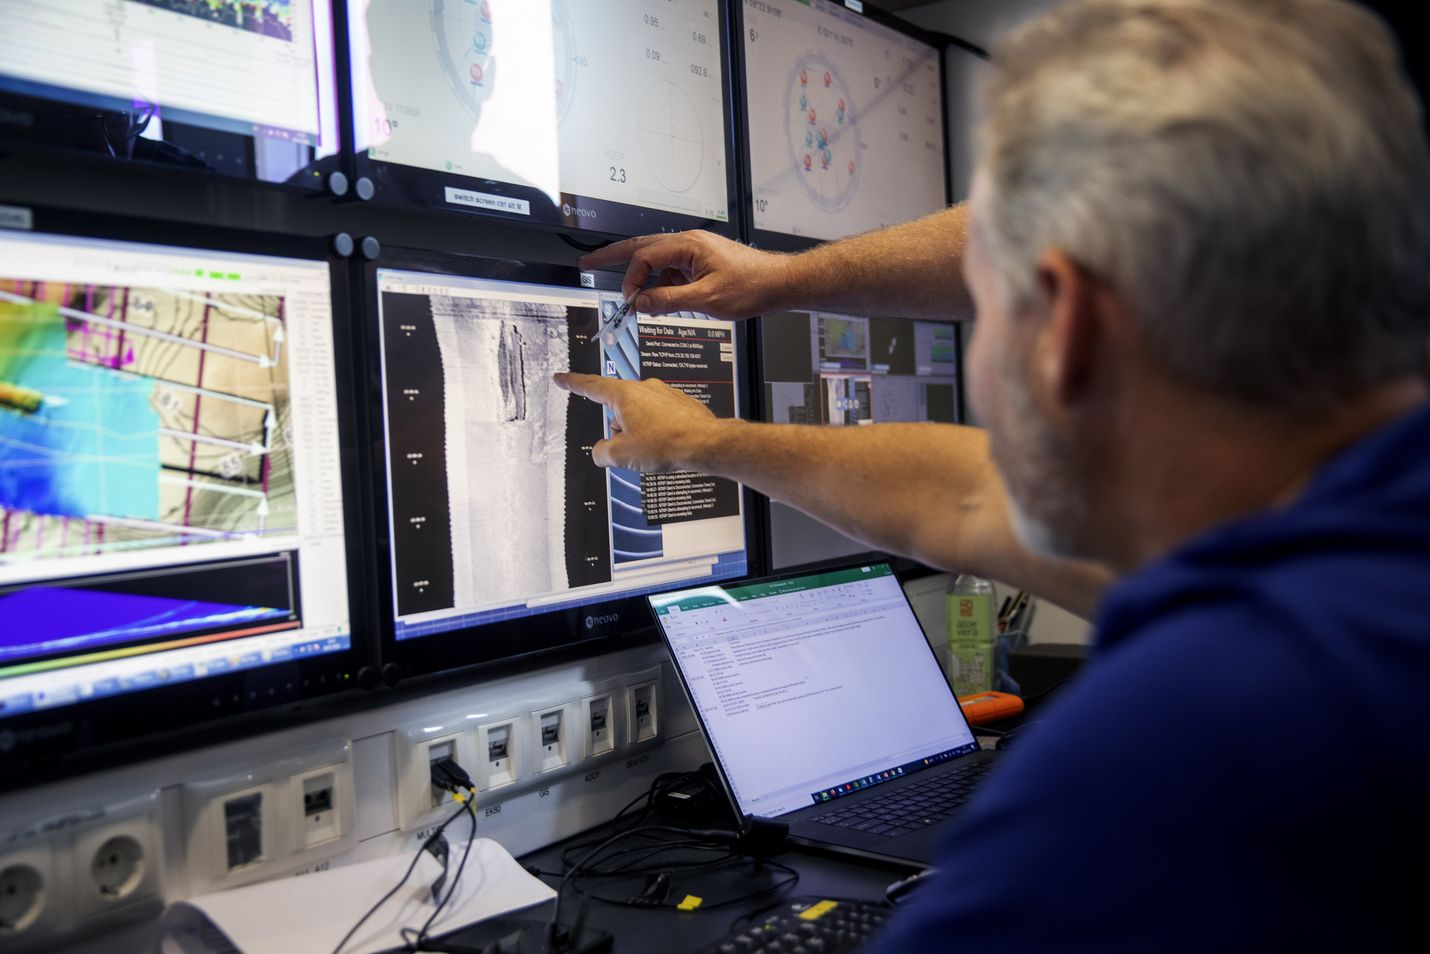 Estonian onnettomuuspaikalta etsitään nyt uutta tietoa niin hylystä kuin merenpohjasta sen lähellä. Kuva on 9. heinäkuuta turmapaikalla olleesta virallisesta tutkimuslaivasta Electra of Askö, jolla tutkijat perehtyivät ensimmäiseen pohjan mittauksia koskevaan kuva-aineistoon.